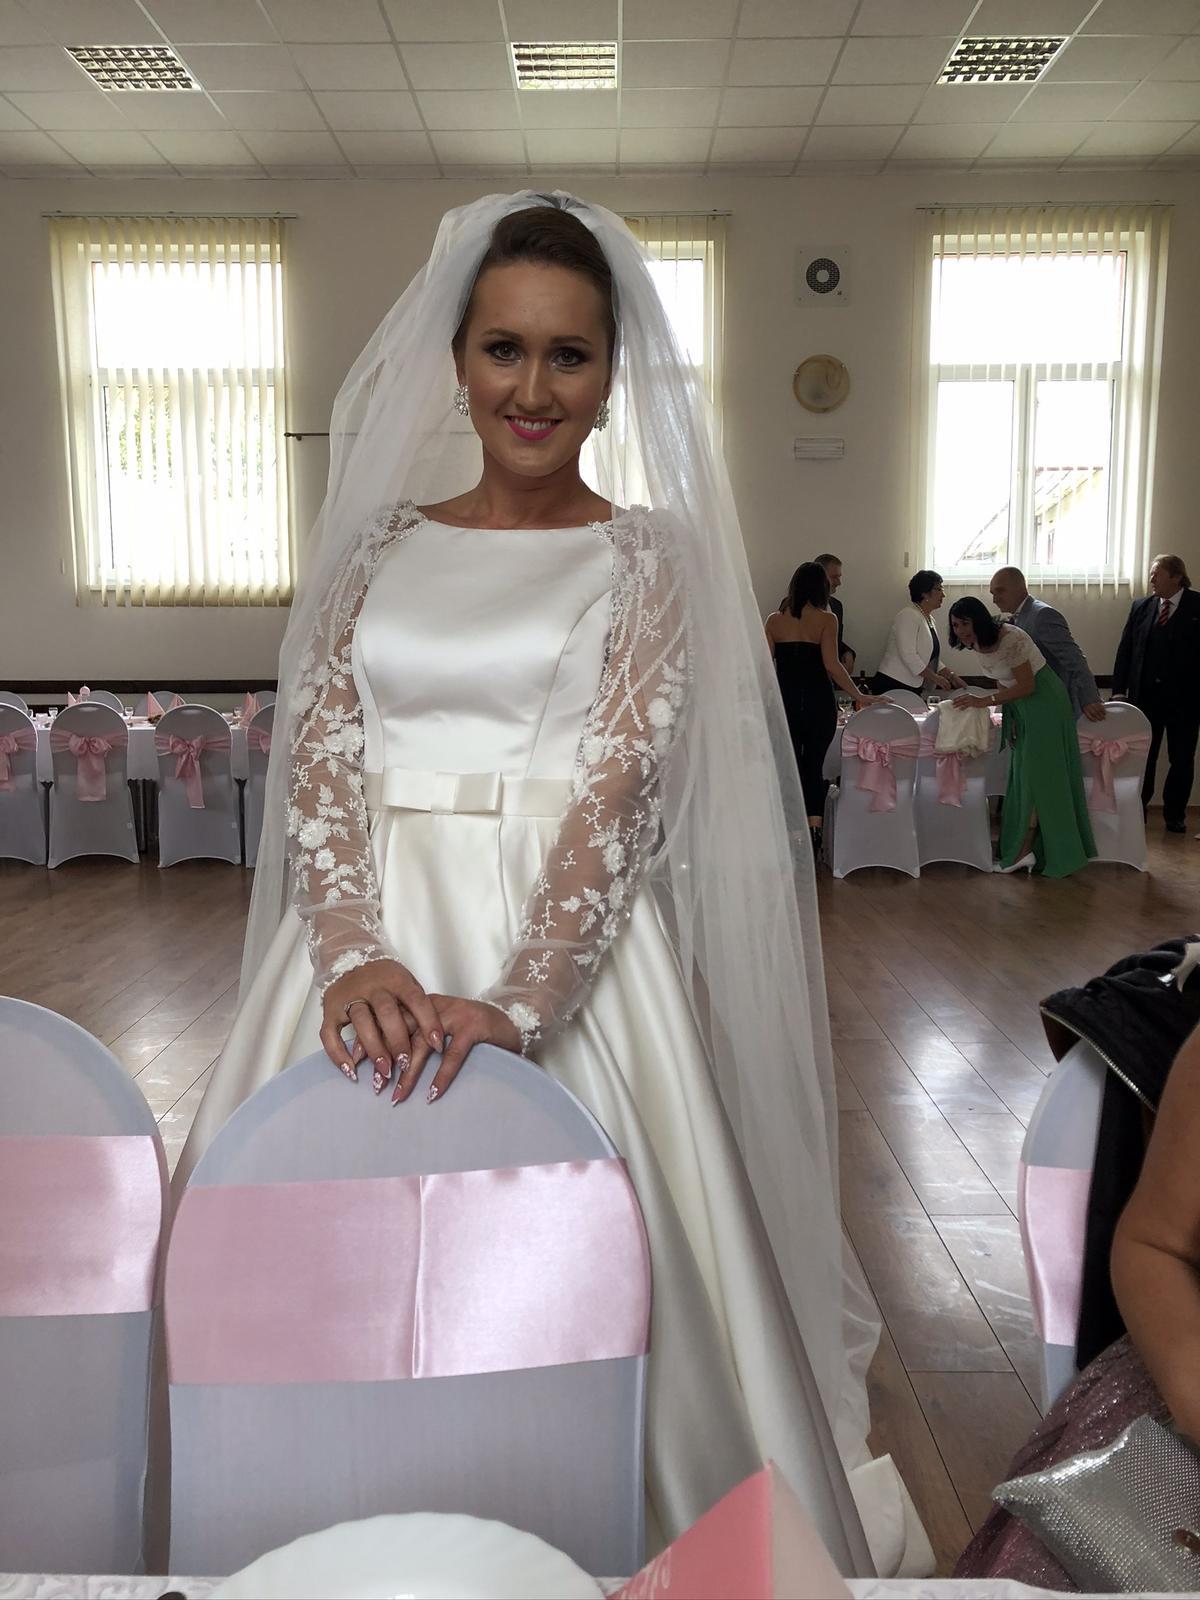 Saténové svadobné šaty s čipkovanými rukávmi - Obrázok č. 2